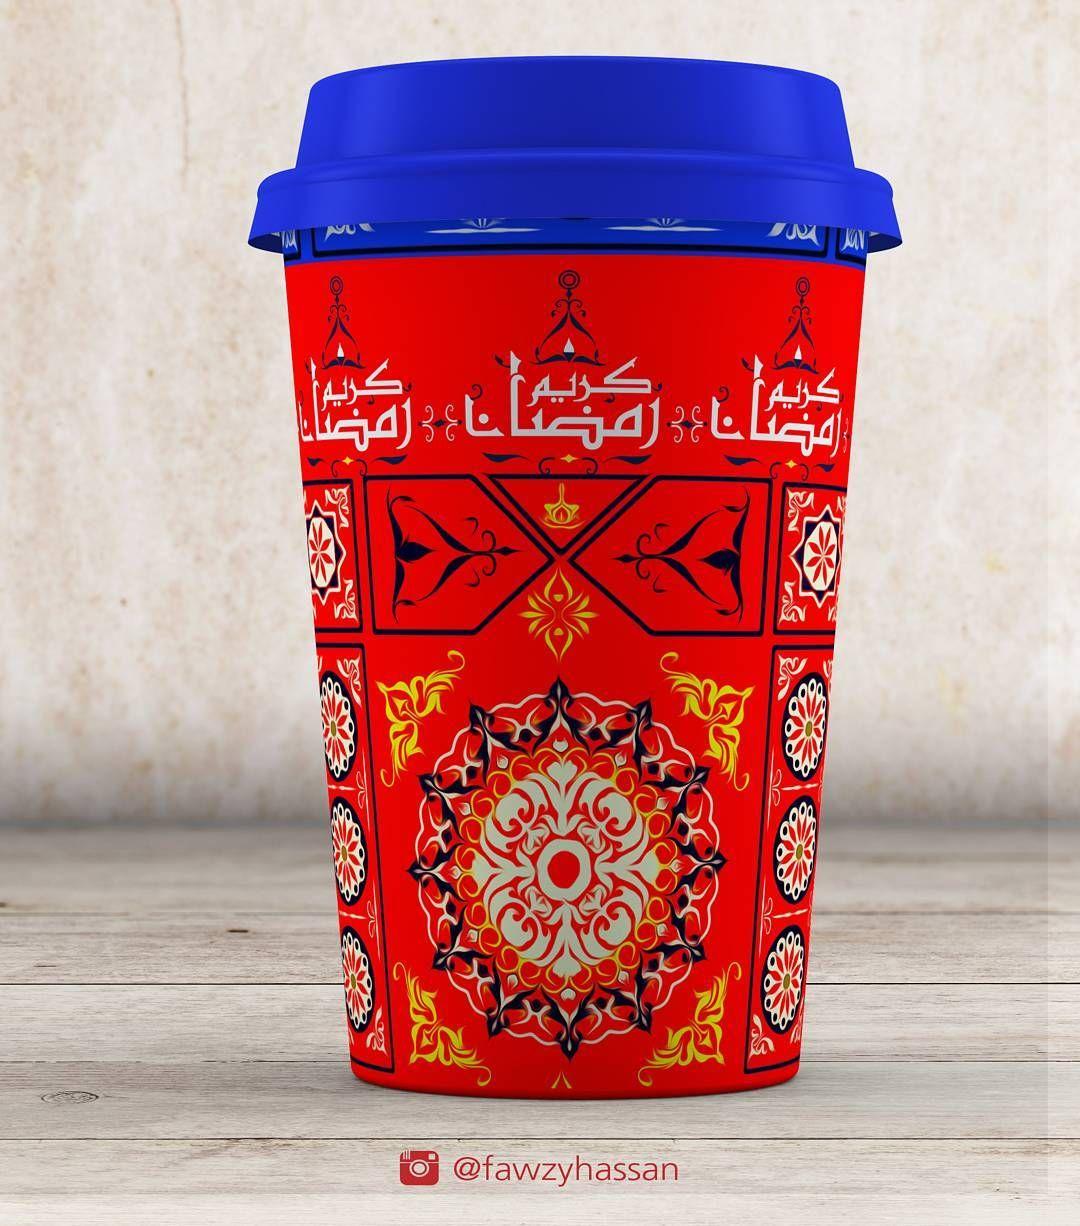 رمضان كريم رمضانيات رمضان رمضان 2016 رمضان مبارك رمضان كريم حروف عربية قهوة تركية قهوة لوحات فنية تصميمات تصميم Food Photography Photography Thermos